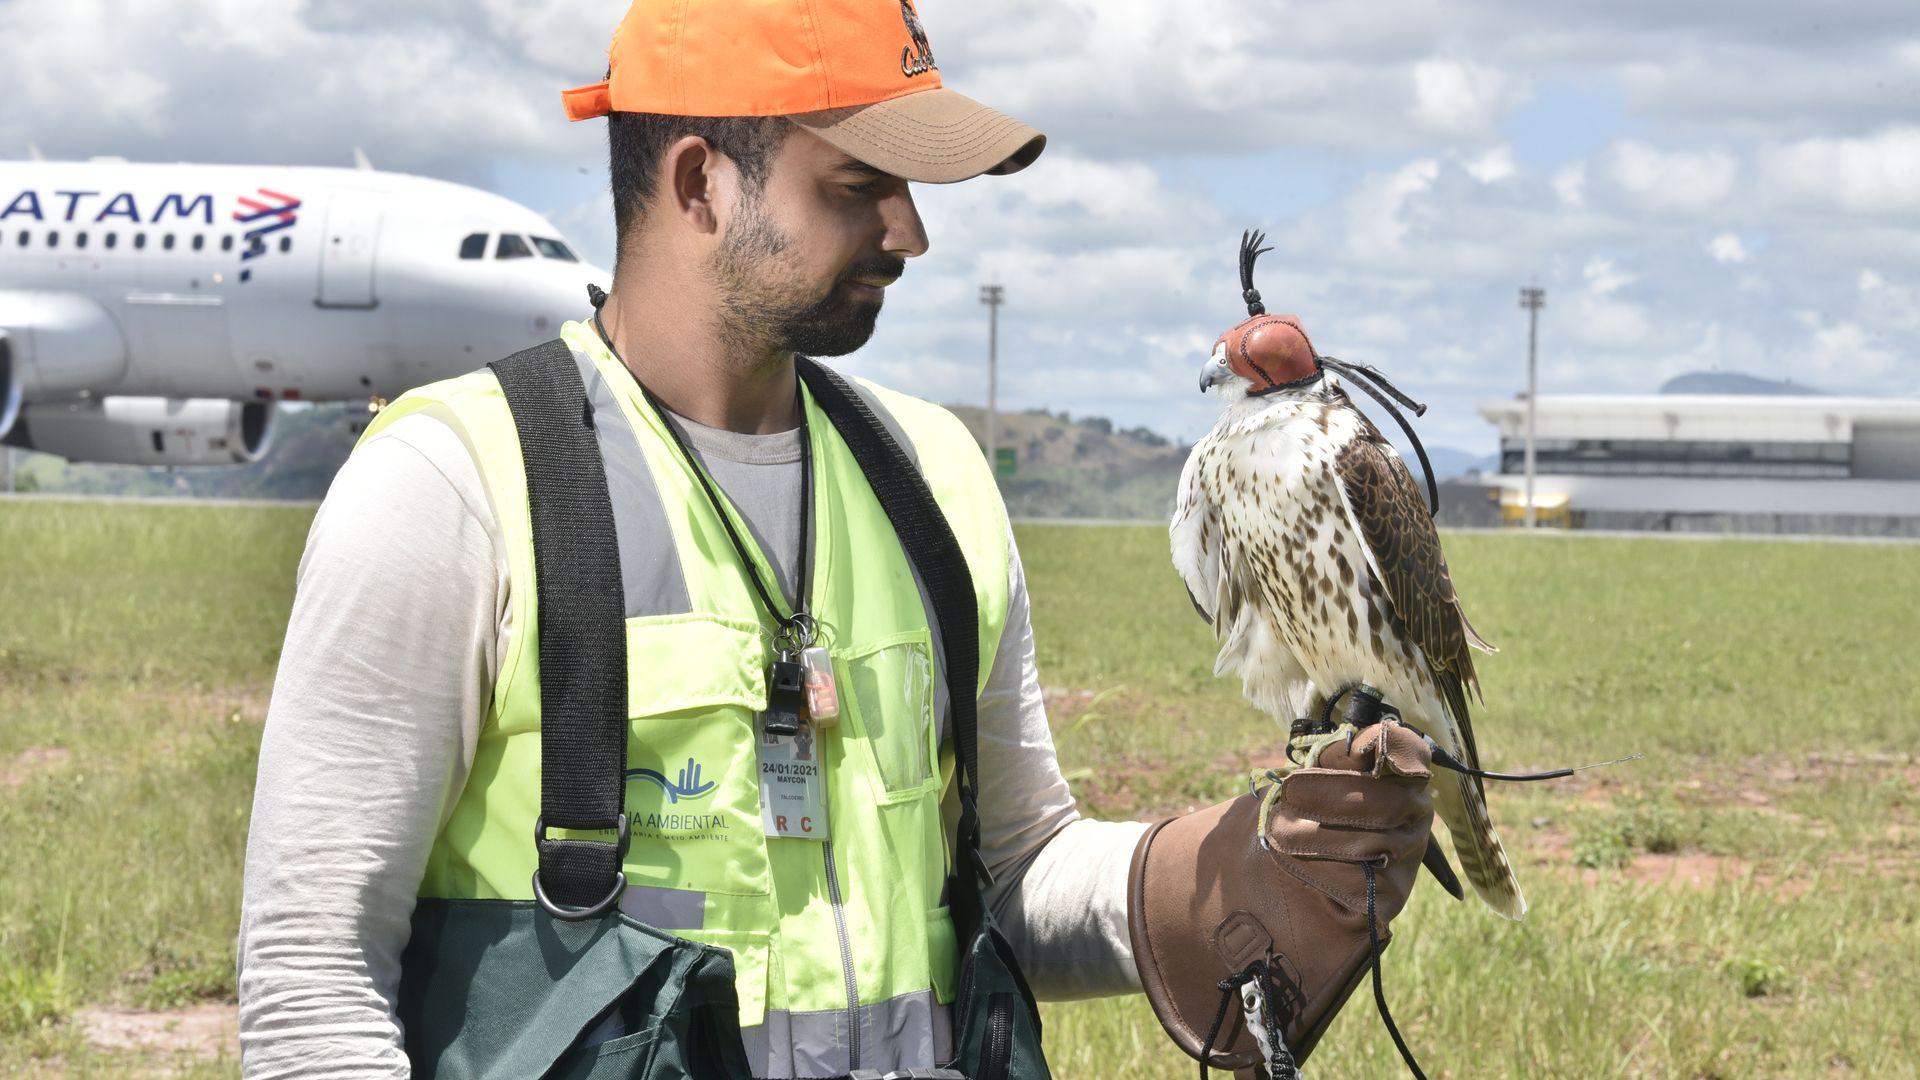 O falcoeiro é fundamental no treinamento e êxito do animal no trabalho de afugentamento de outras aves